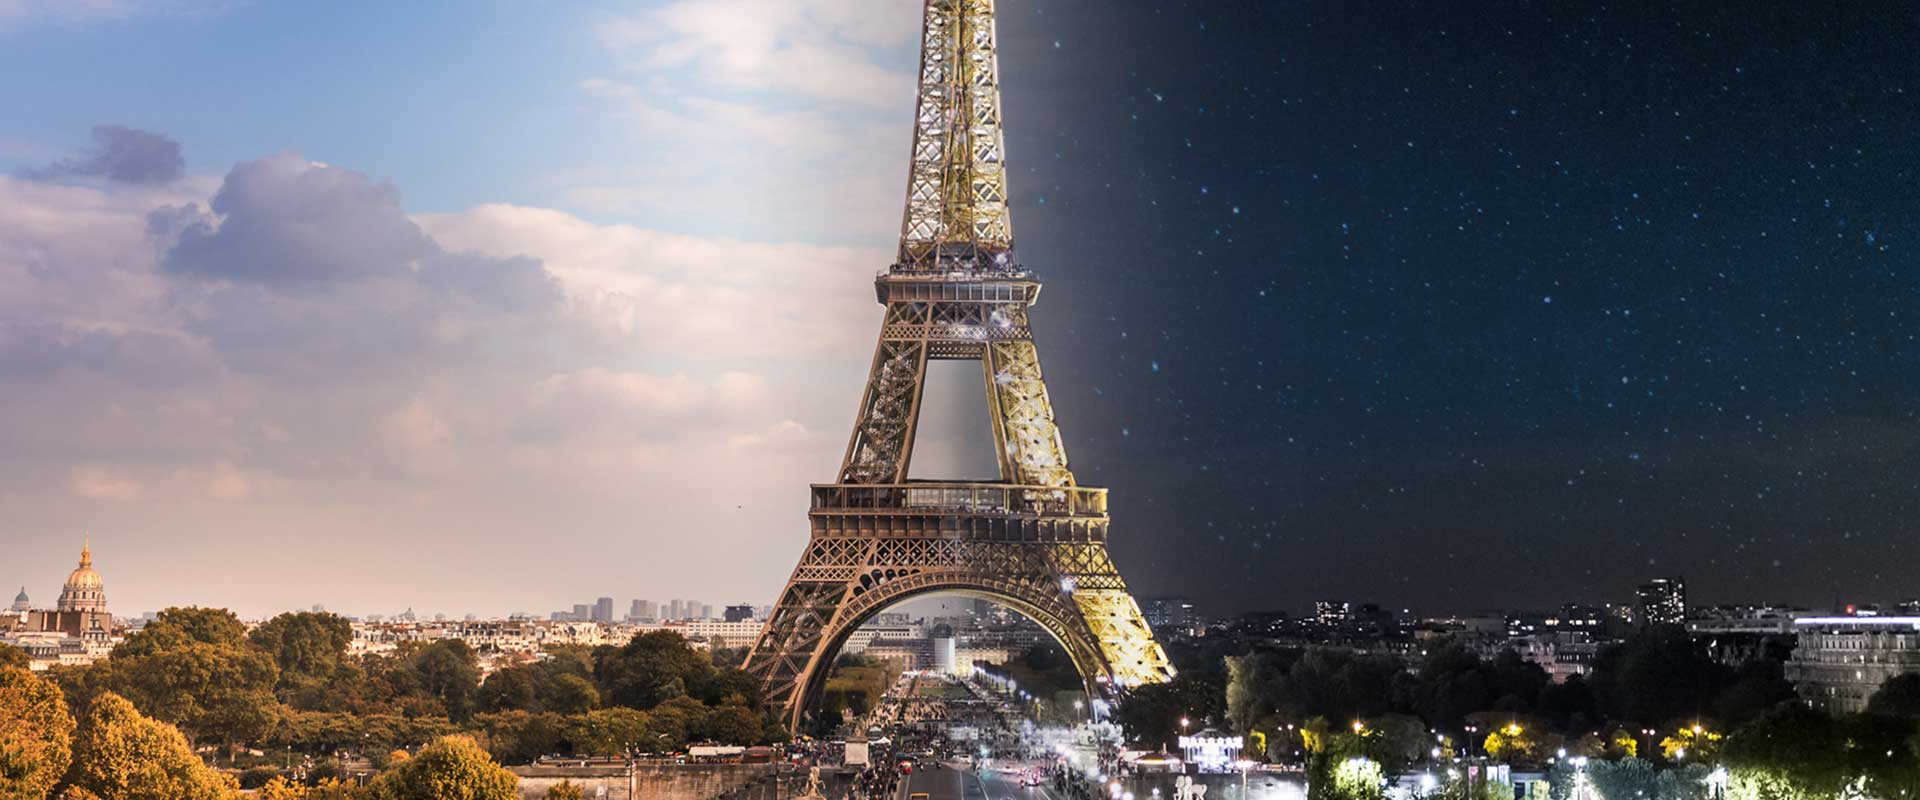 Eiffelturm Tag und Nacht